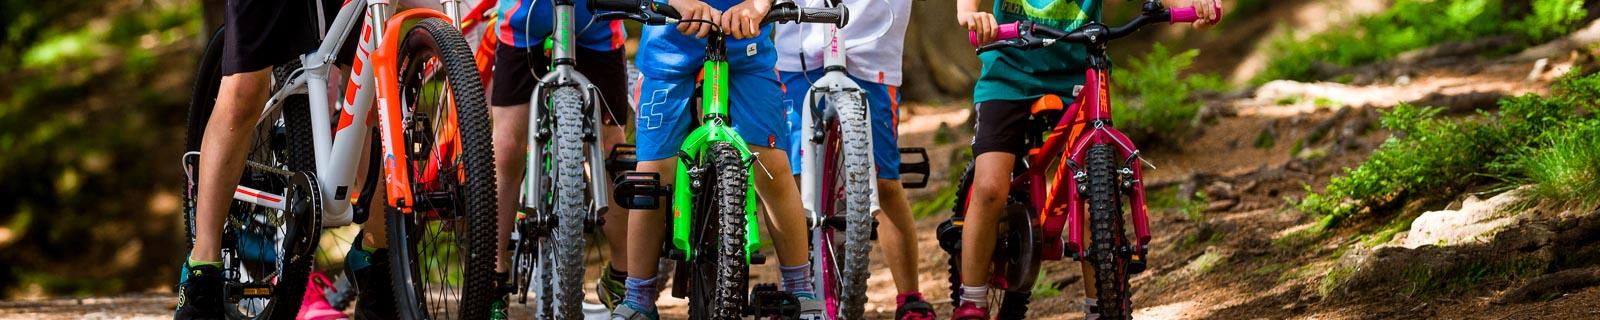 Laufräder und Kinderfahrräder